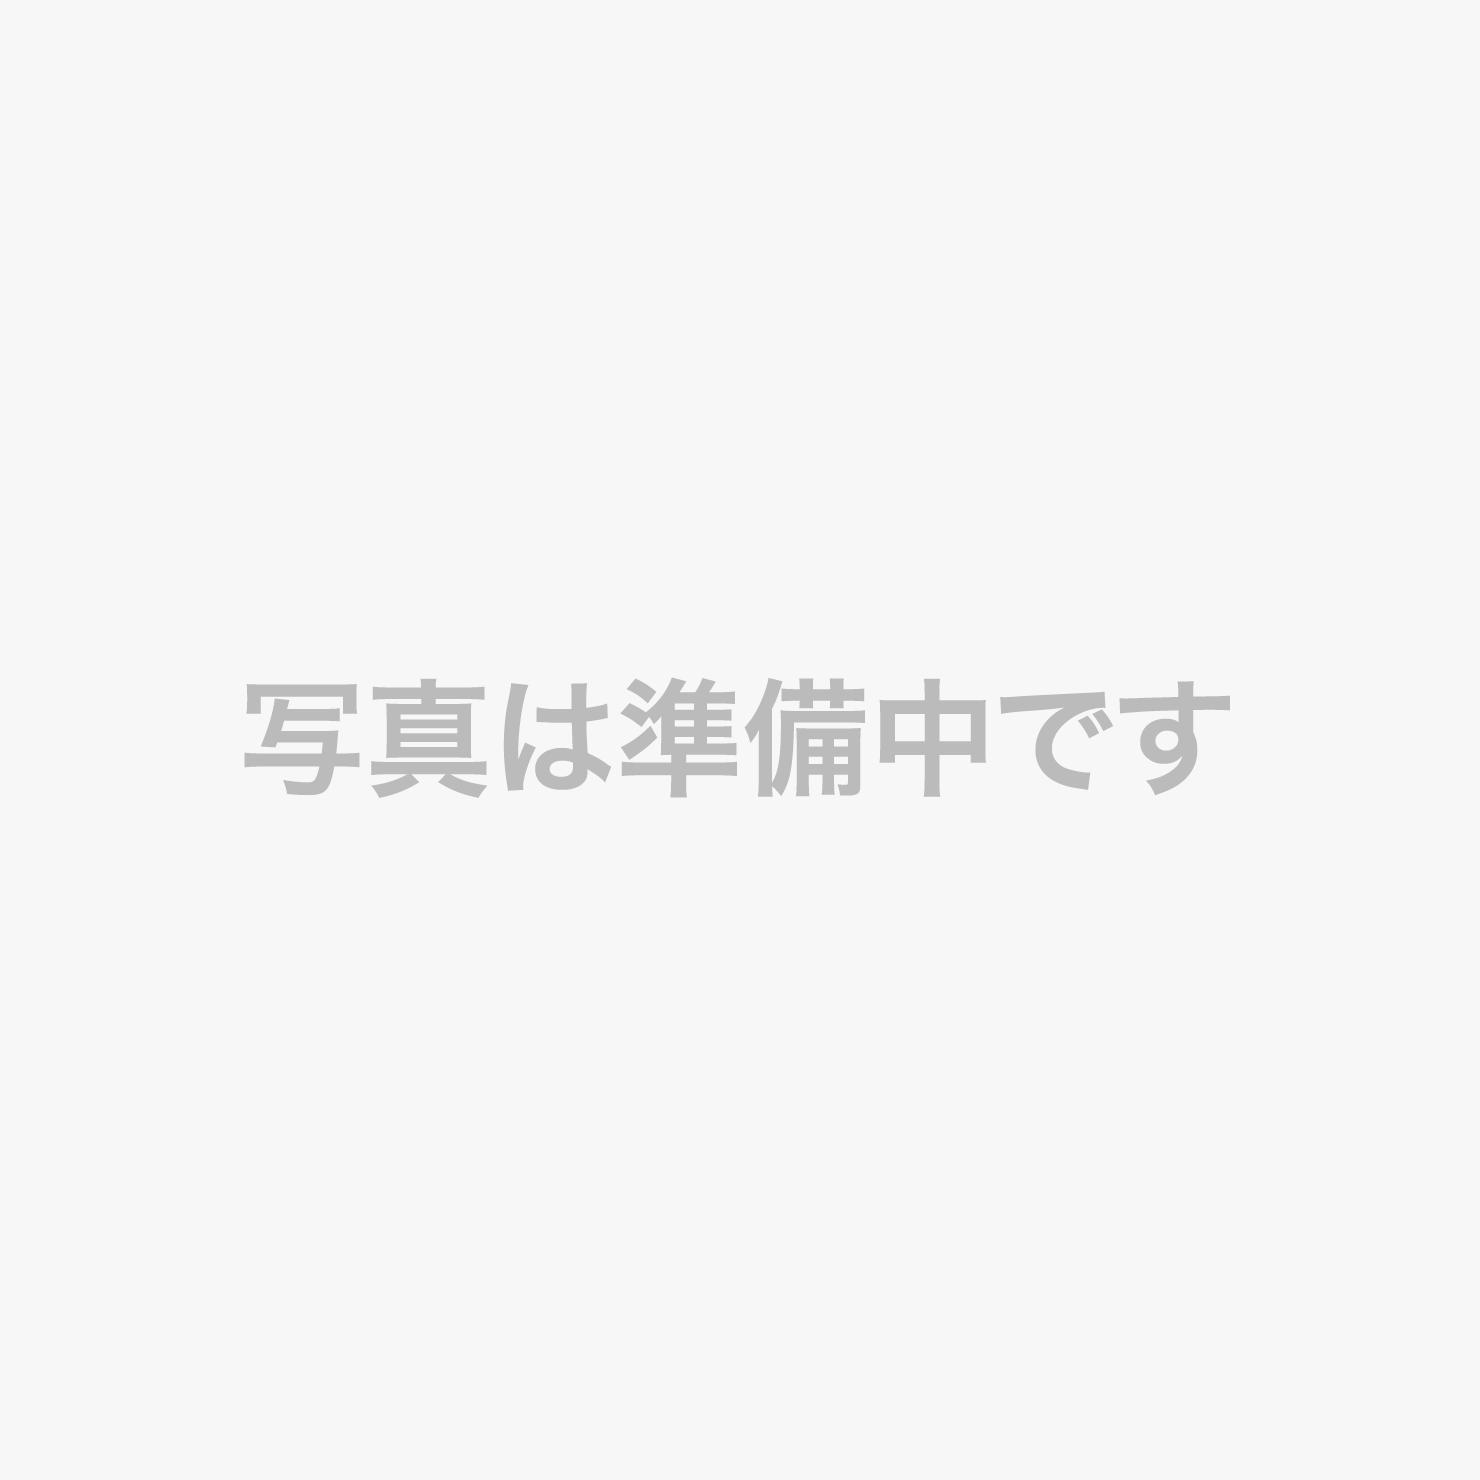 上質なお米 石川県産コシヒカリ